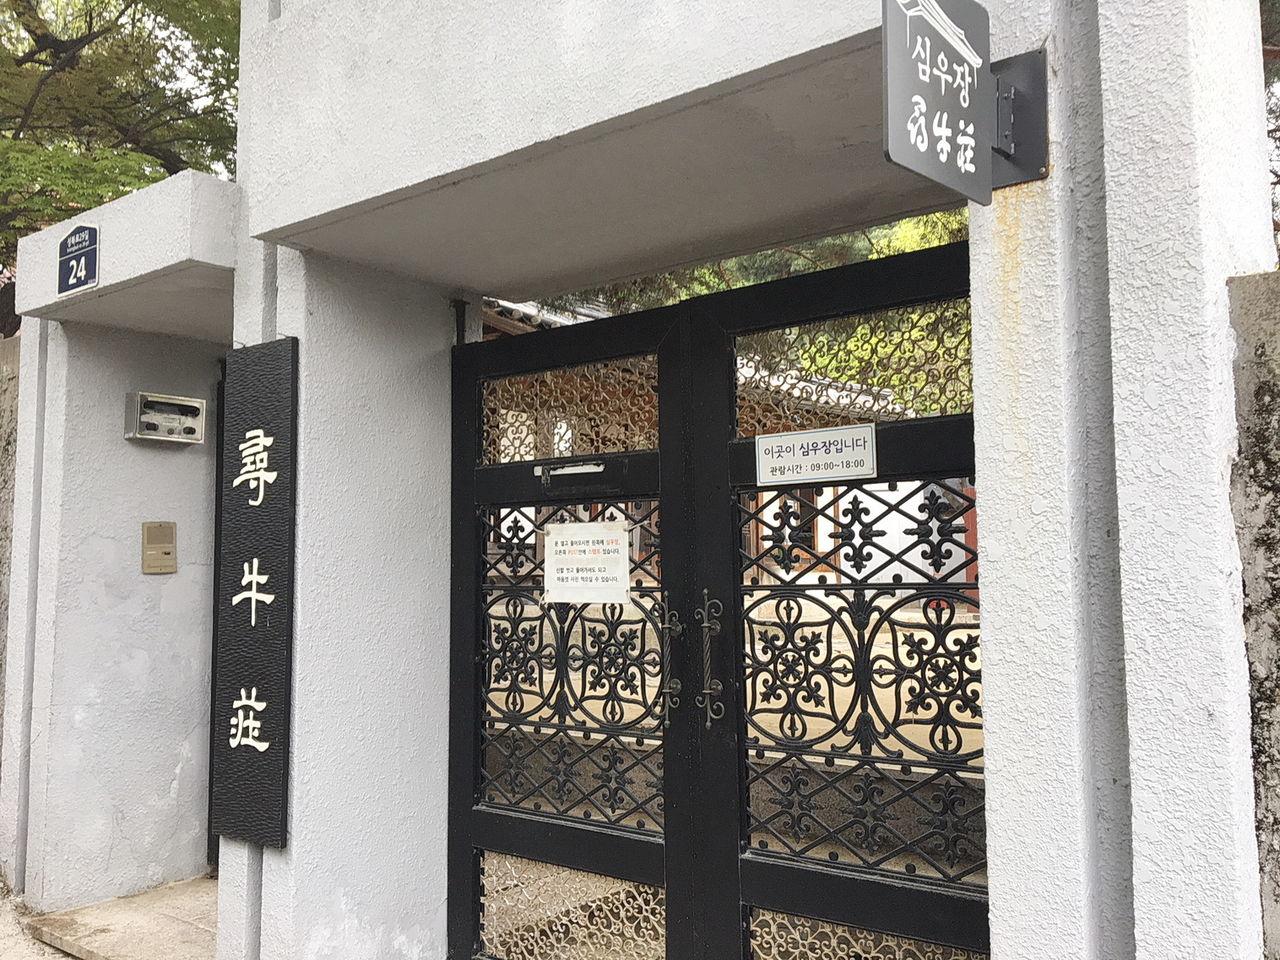 萬海韓龍雲の「尋牛荘」 : 孤里...